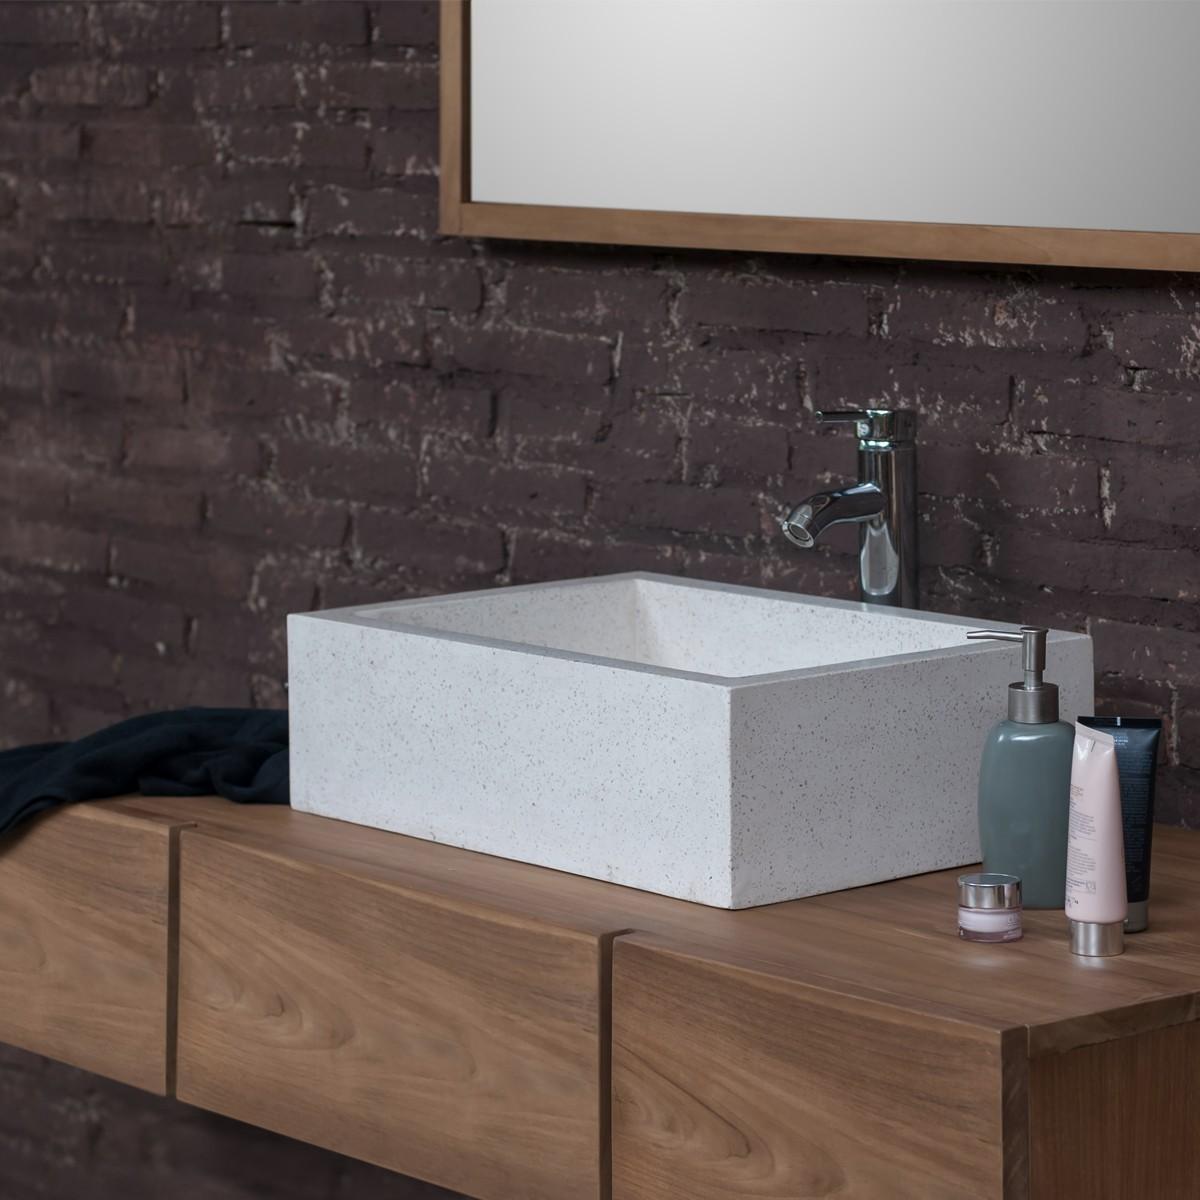 Ensemble de salle de bain en bois de teck meuble de salle de bain teck 145 - Ensemble salle de bain bois ...